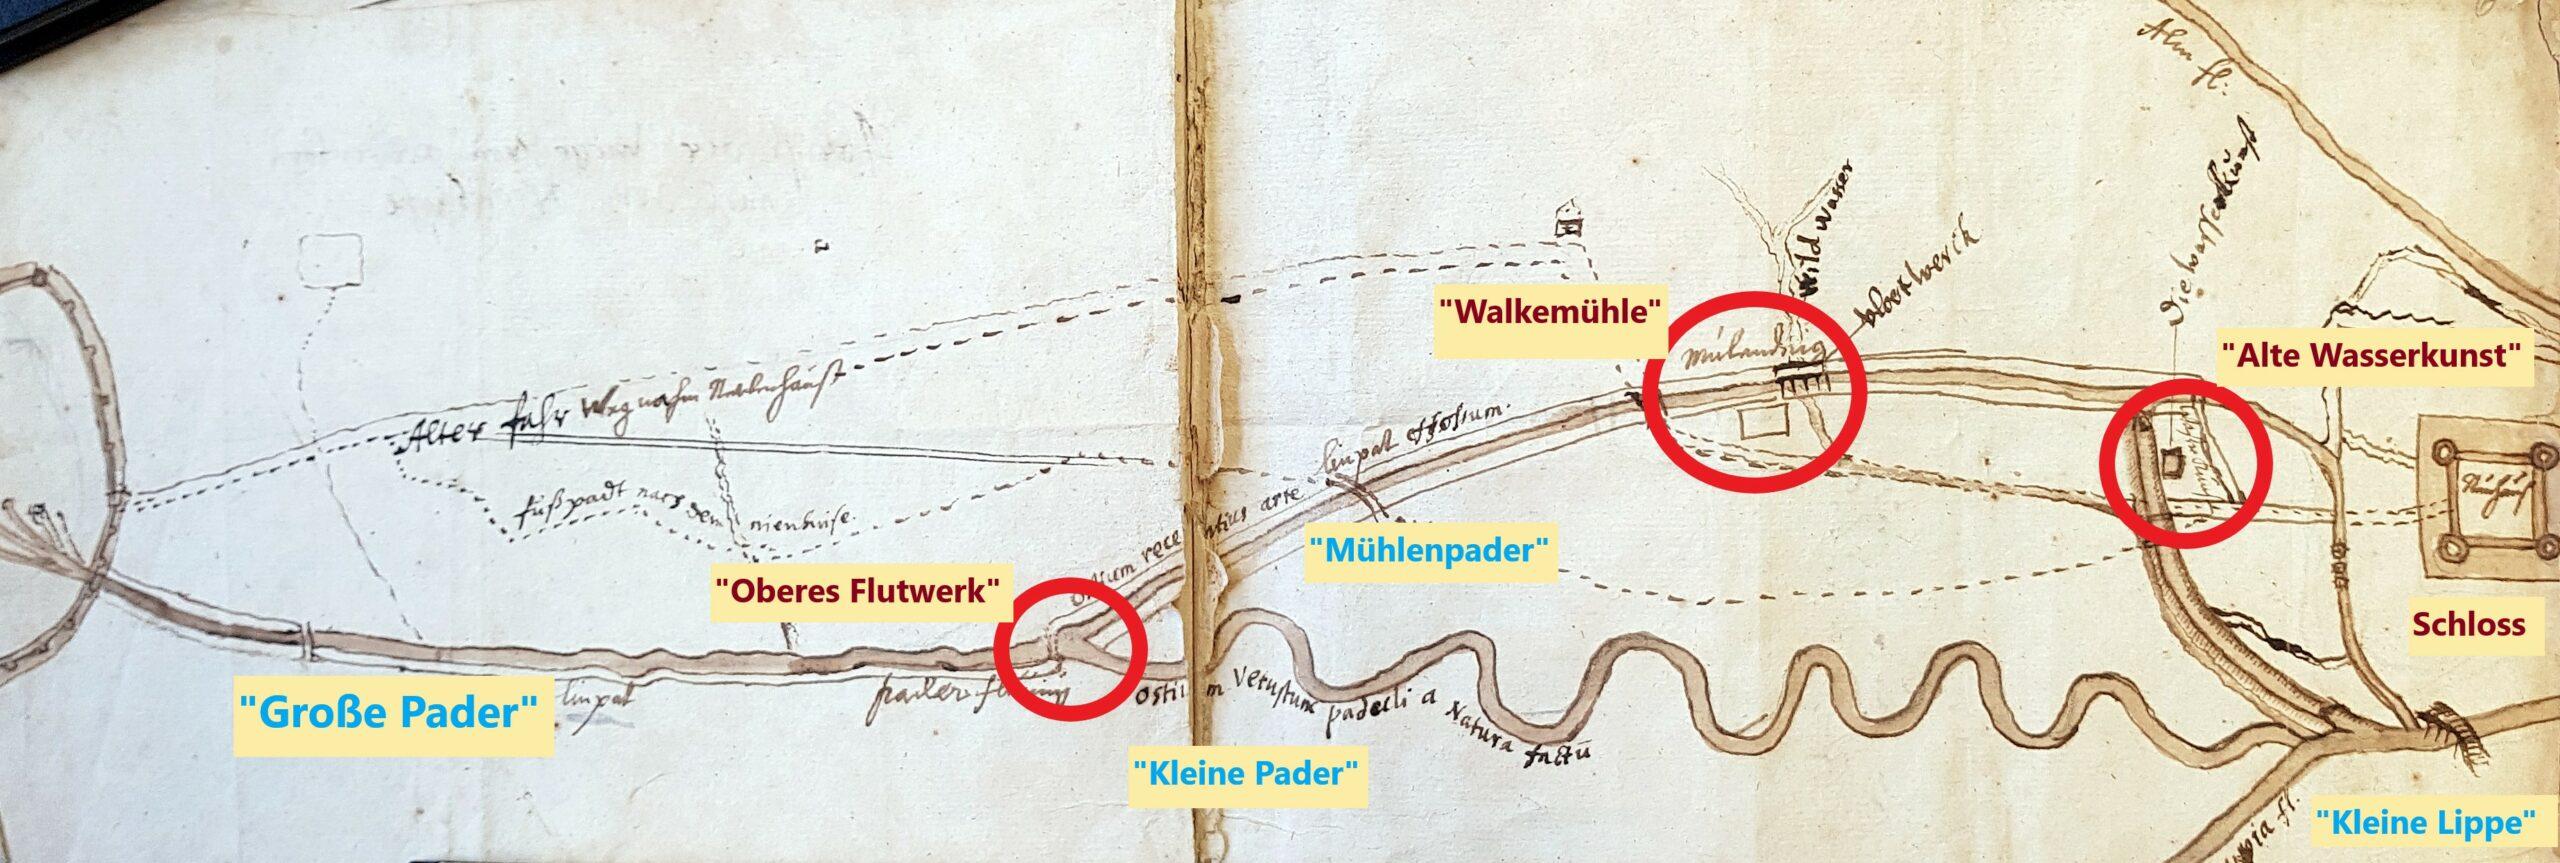 """""""Jesuitenplan"""" zum Paderverlauf im 17. Jahrhundert von J. Grothaus S. J., um 1680 (""""Abriß der Wege von Paderborn nach dem Nienhuiße"""", EAB Pb, AV, PA 123, fol. 15)"""